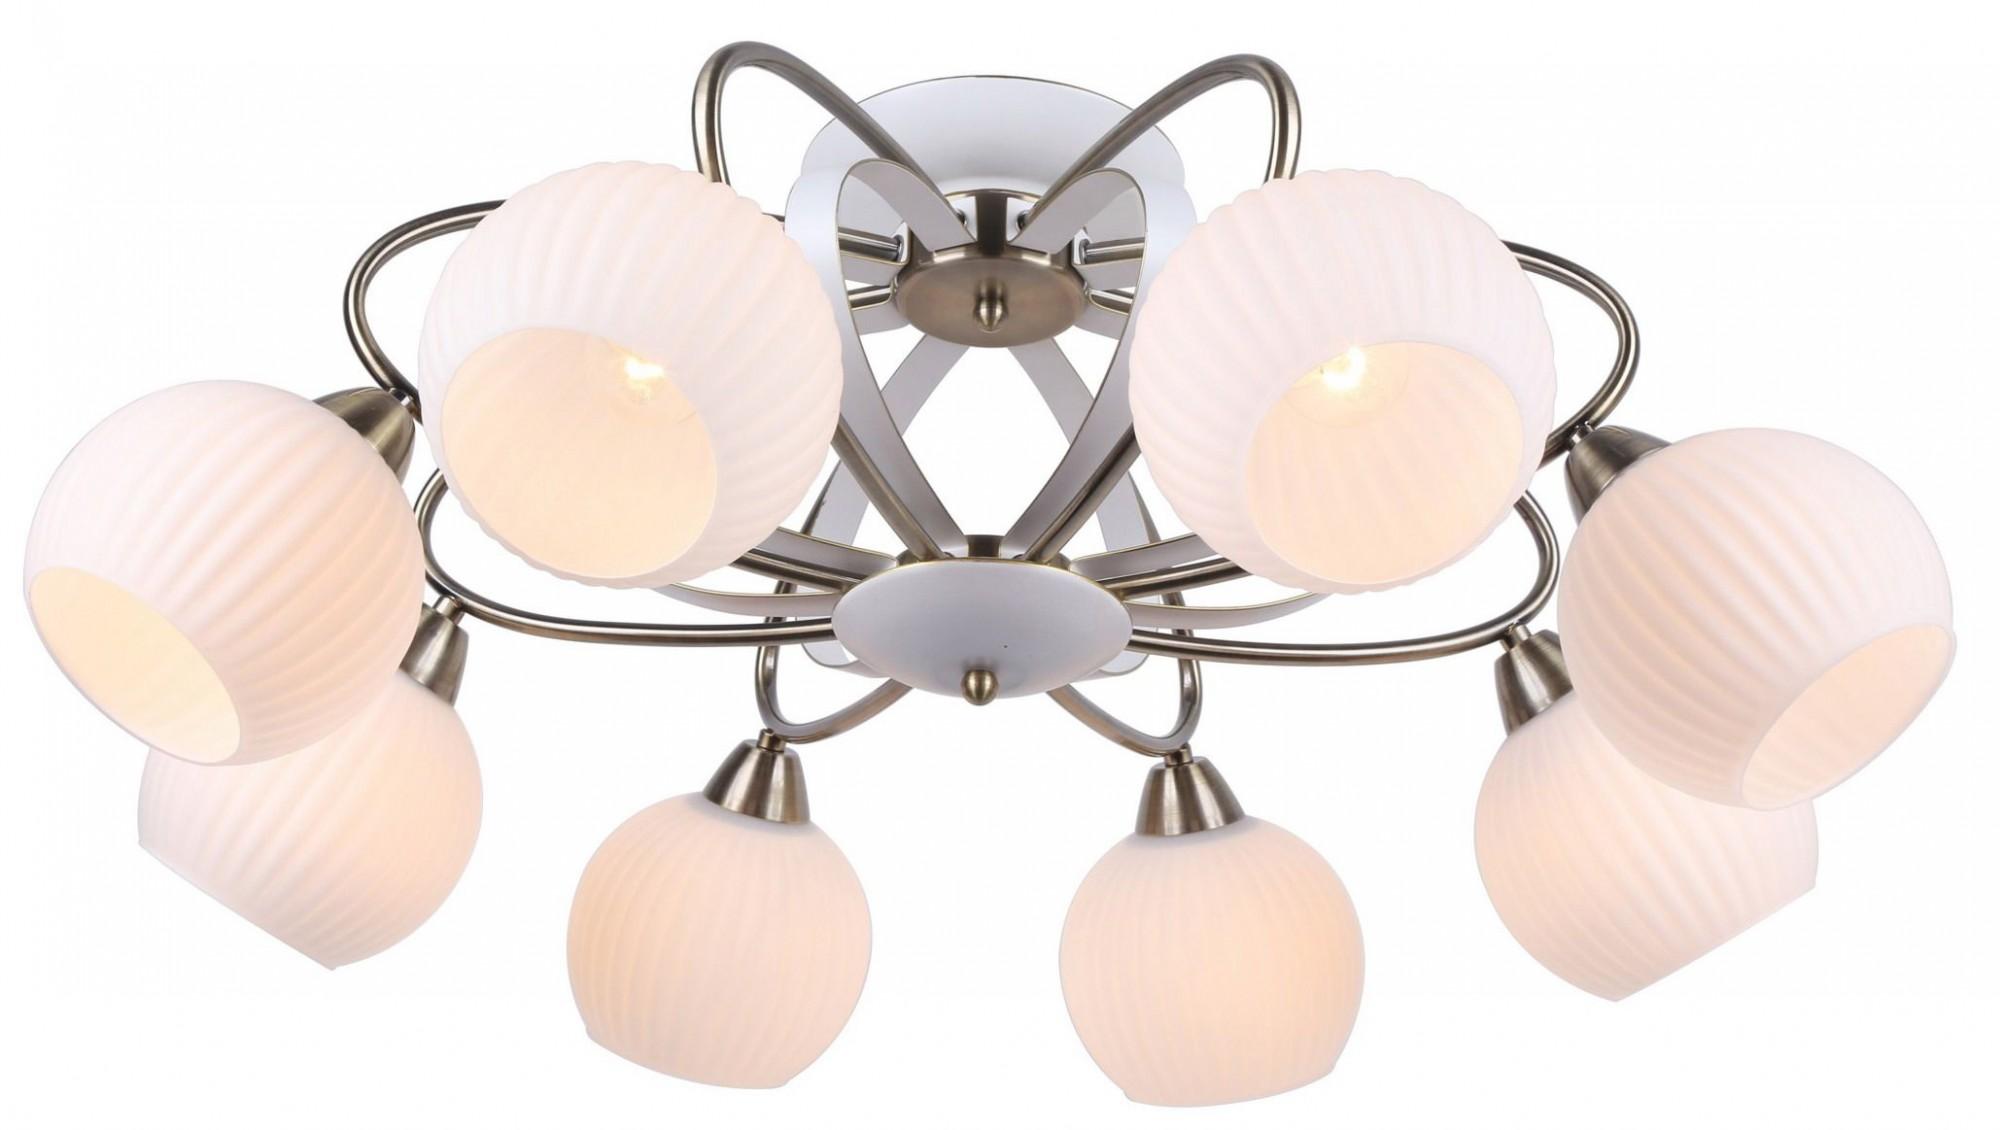 Фото товара A6342PL-8WG Arte Lamp